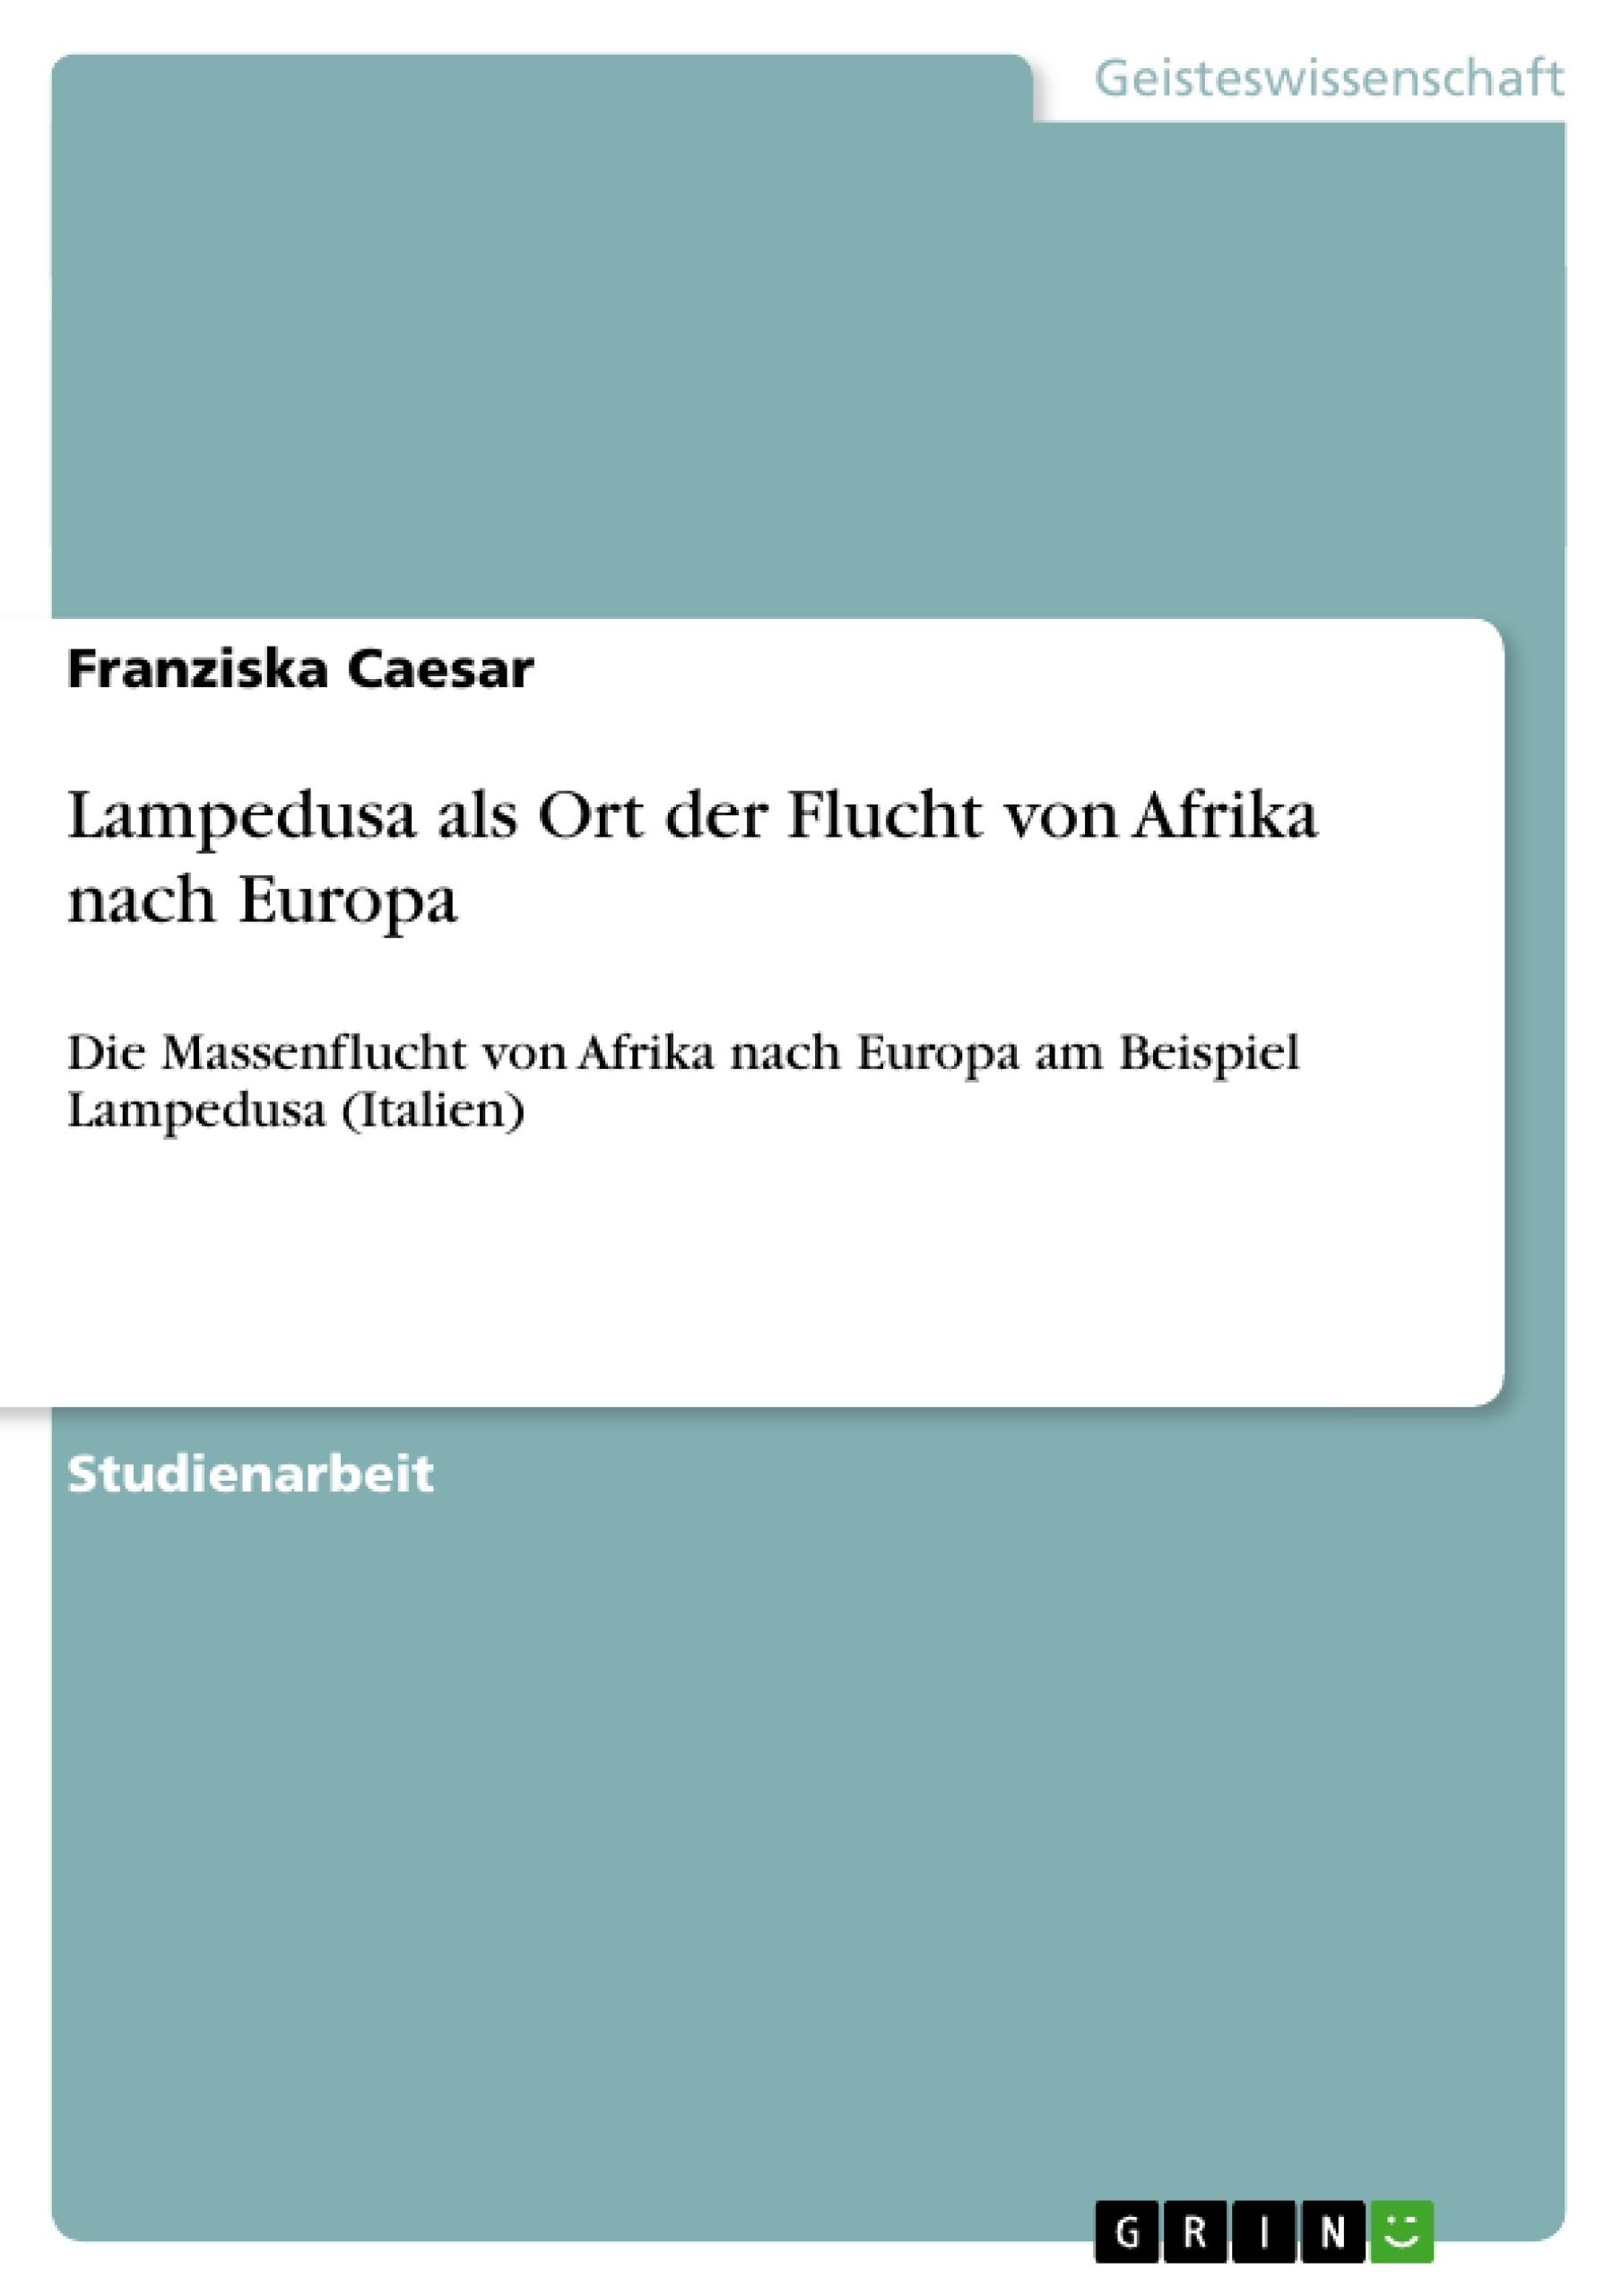 Titel: Lampedusa als Ort der Flucht von Afrika nach Europa